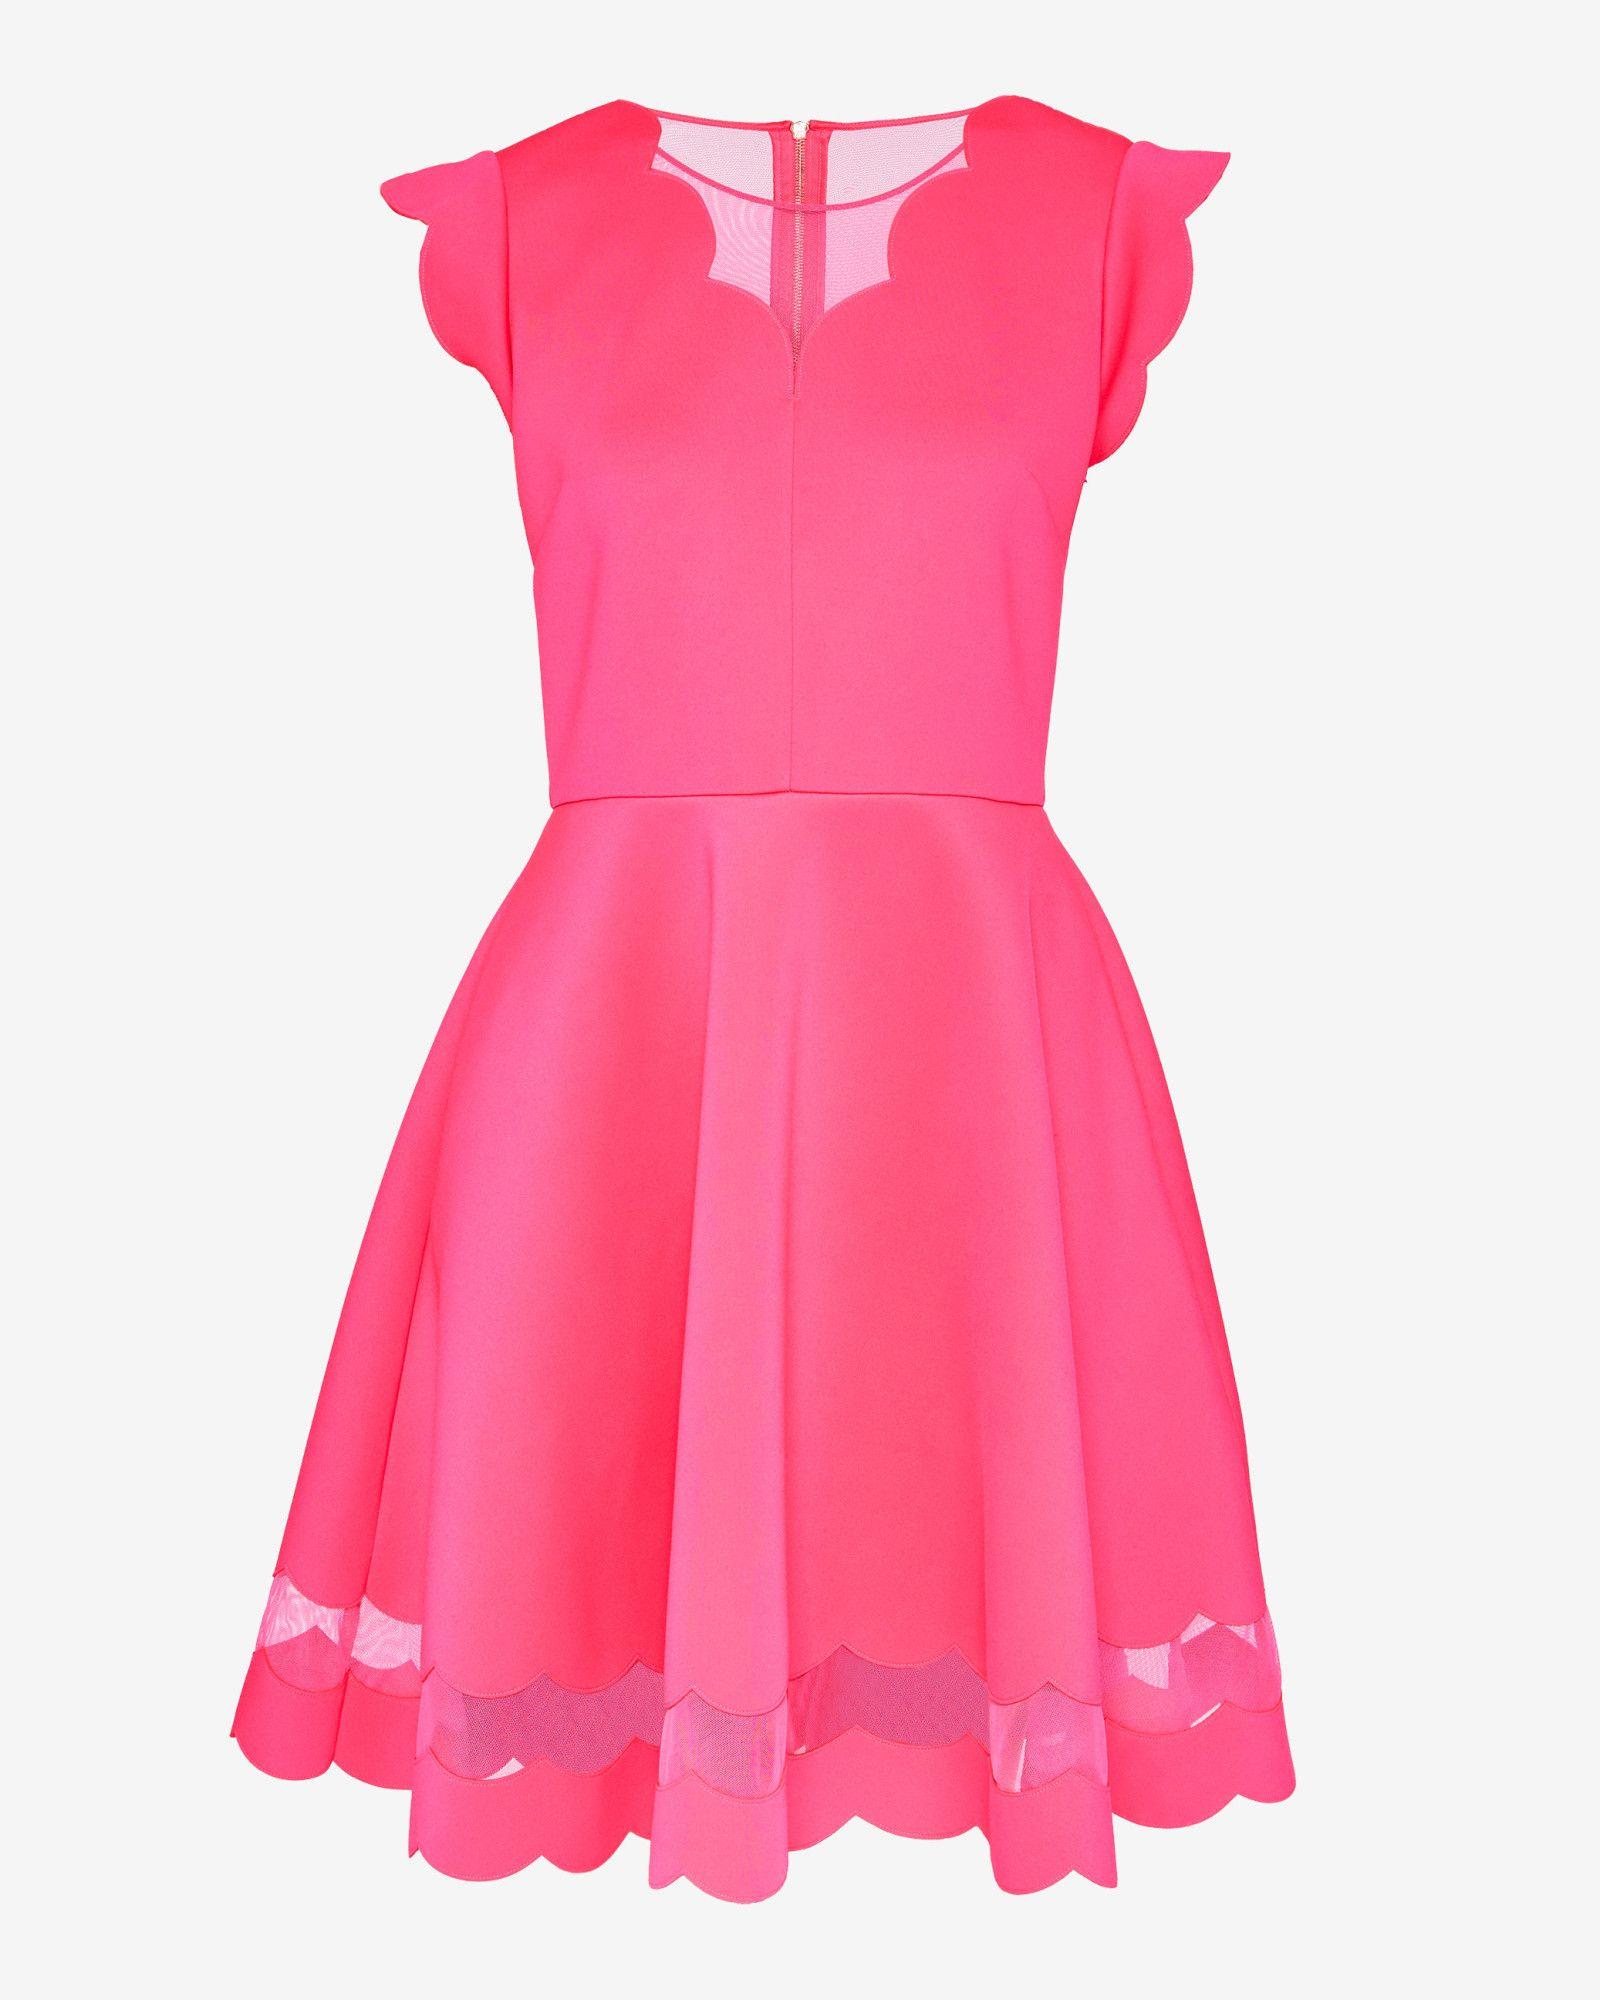 Skaterkleid mit Wellendetails   Ted Baker   Lovely Dresses   Pinterest